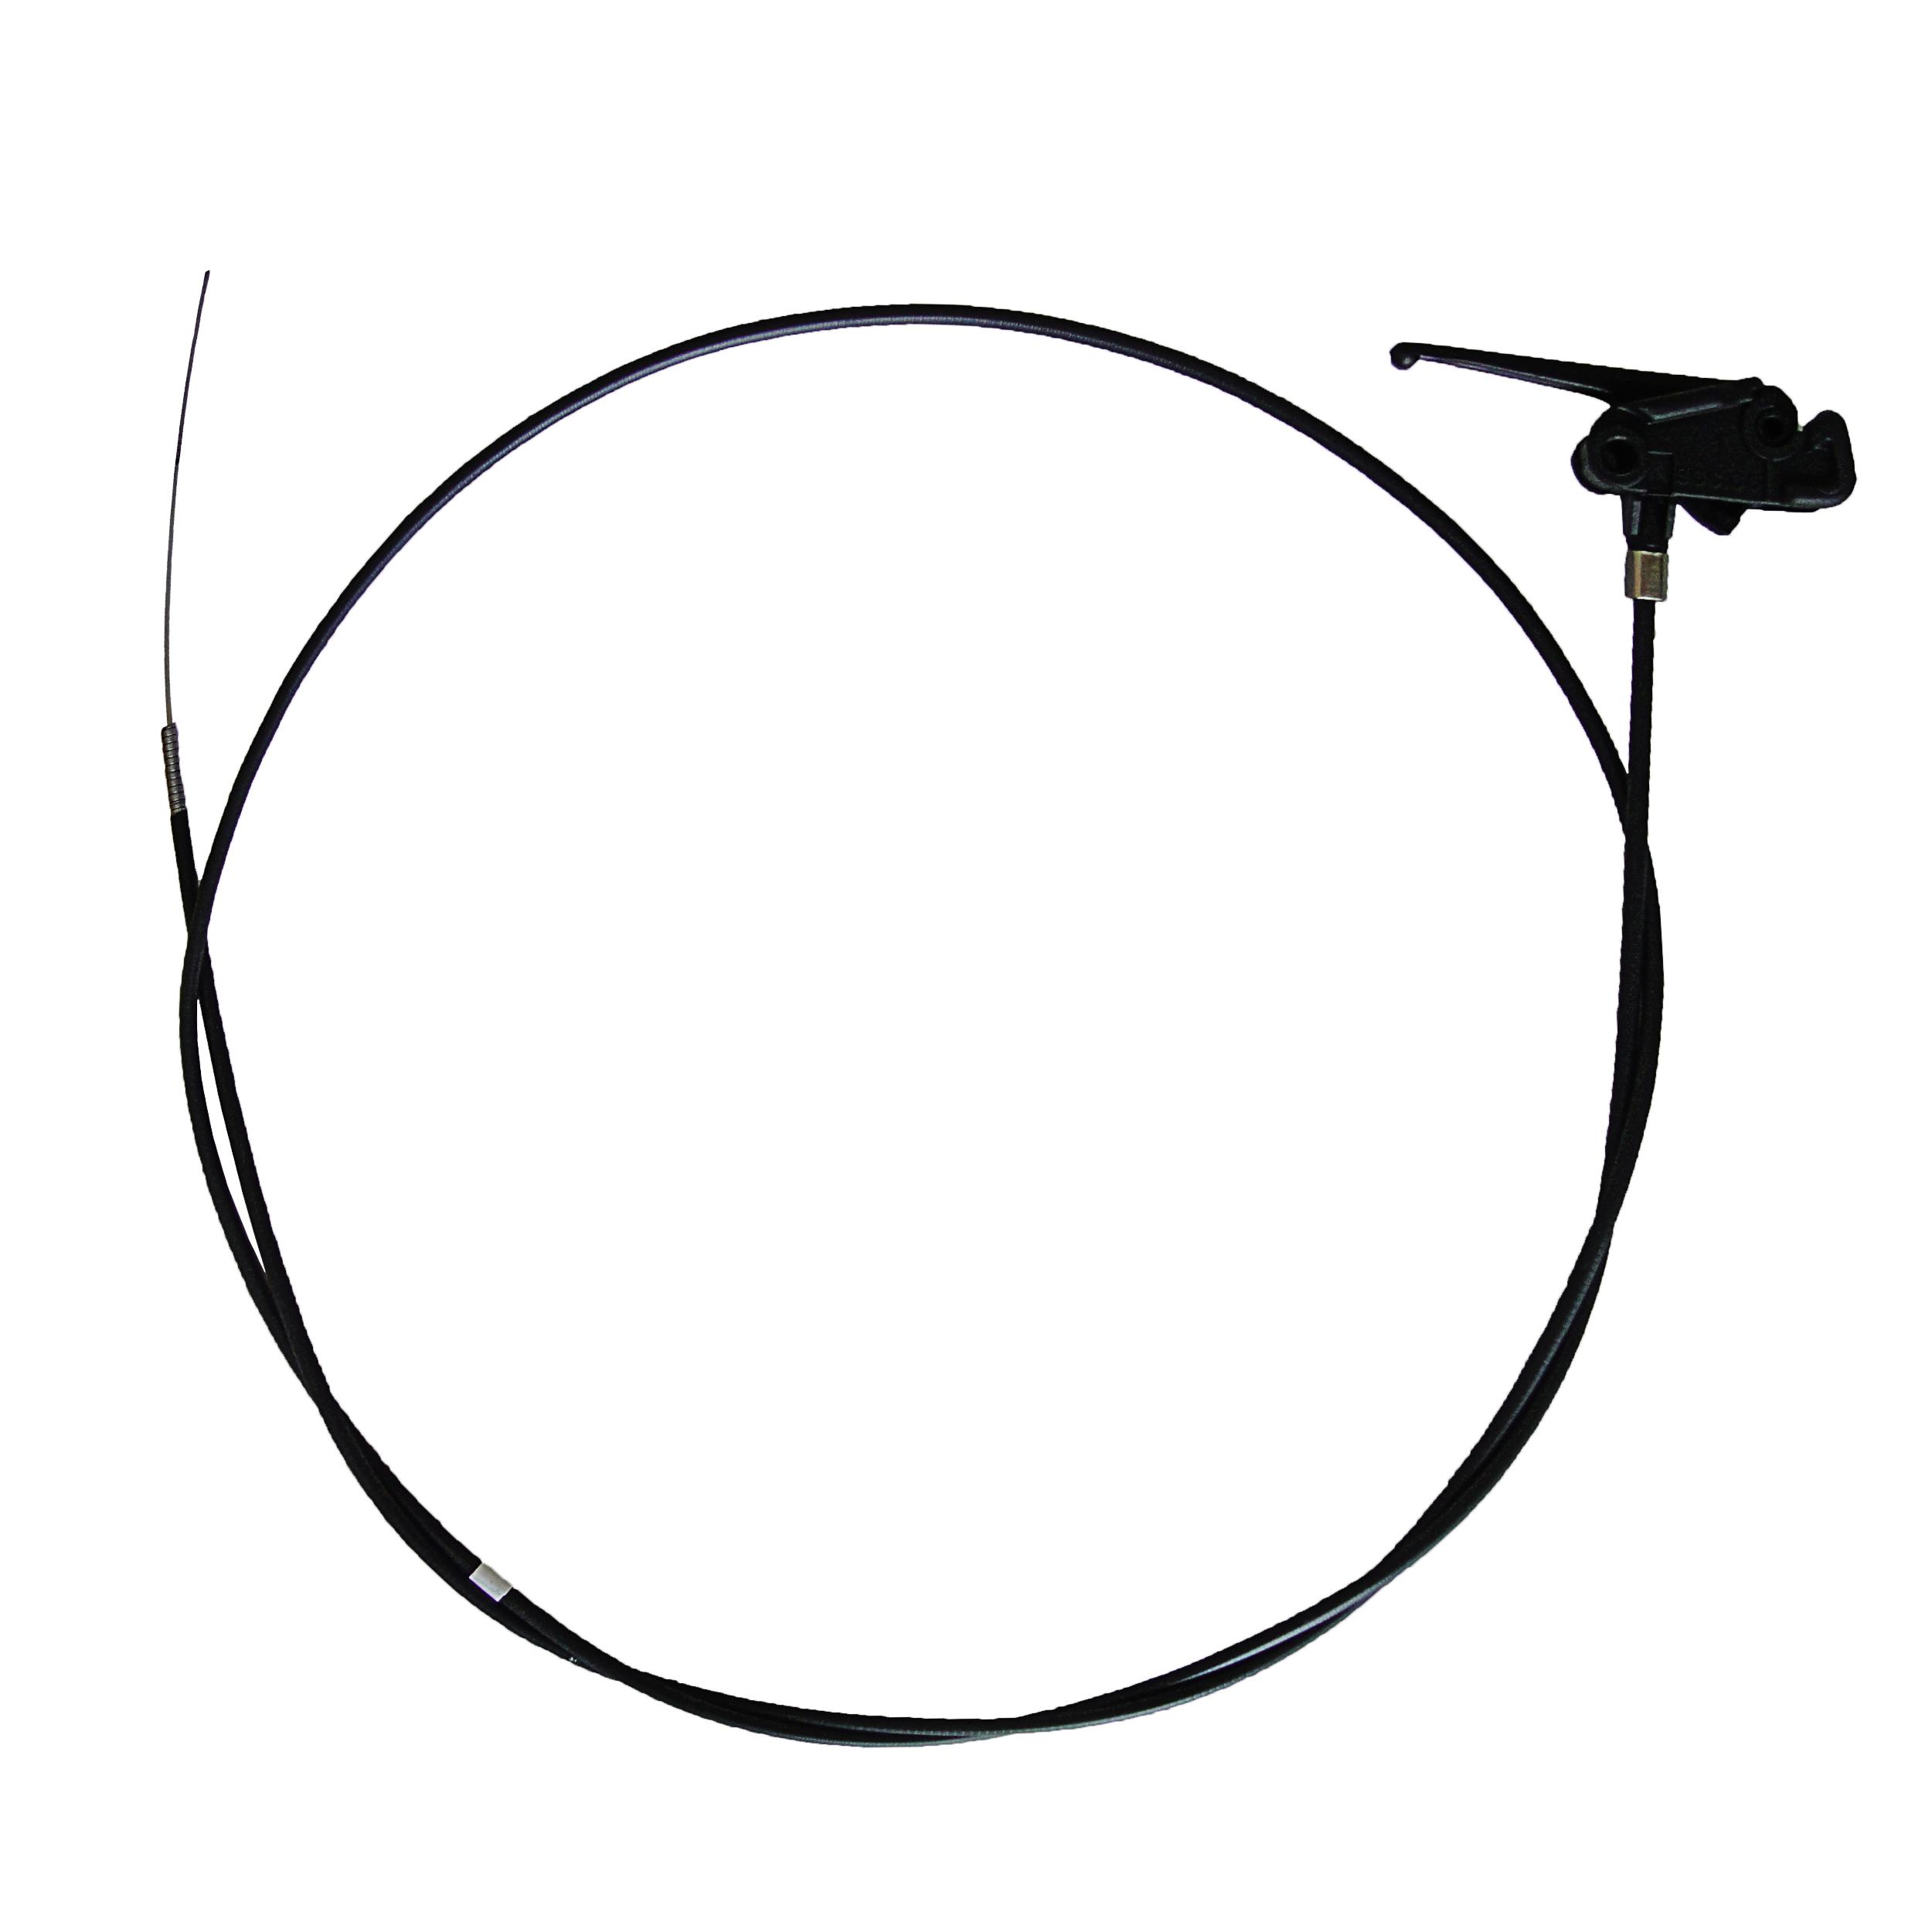 کابل رها کننده در موتور شرکت کابل کنترل سپهر کد 3110508 مناسب برای پیکان